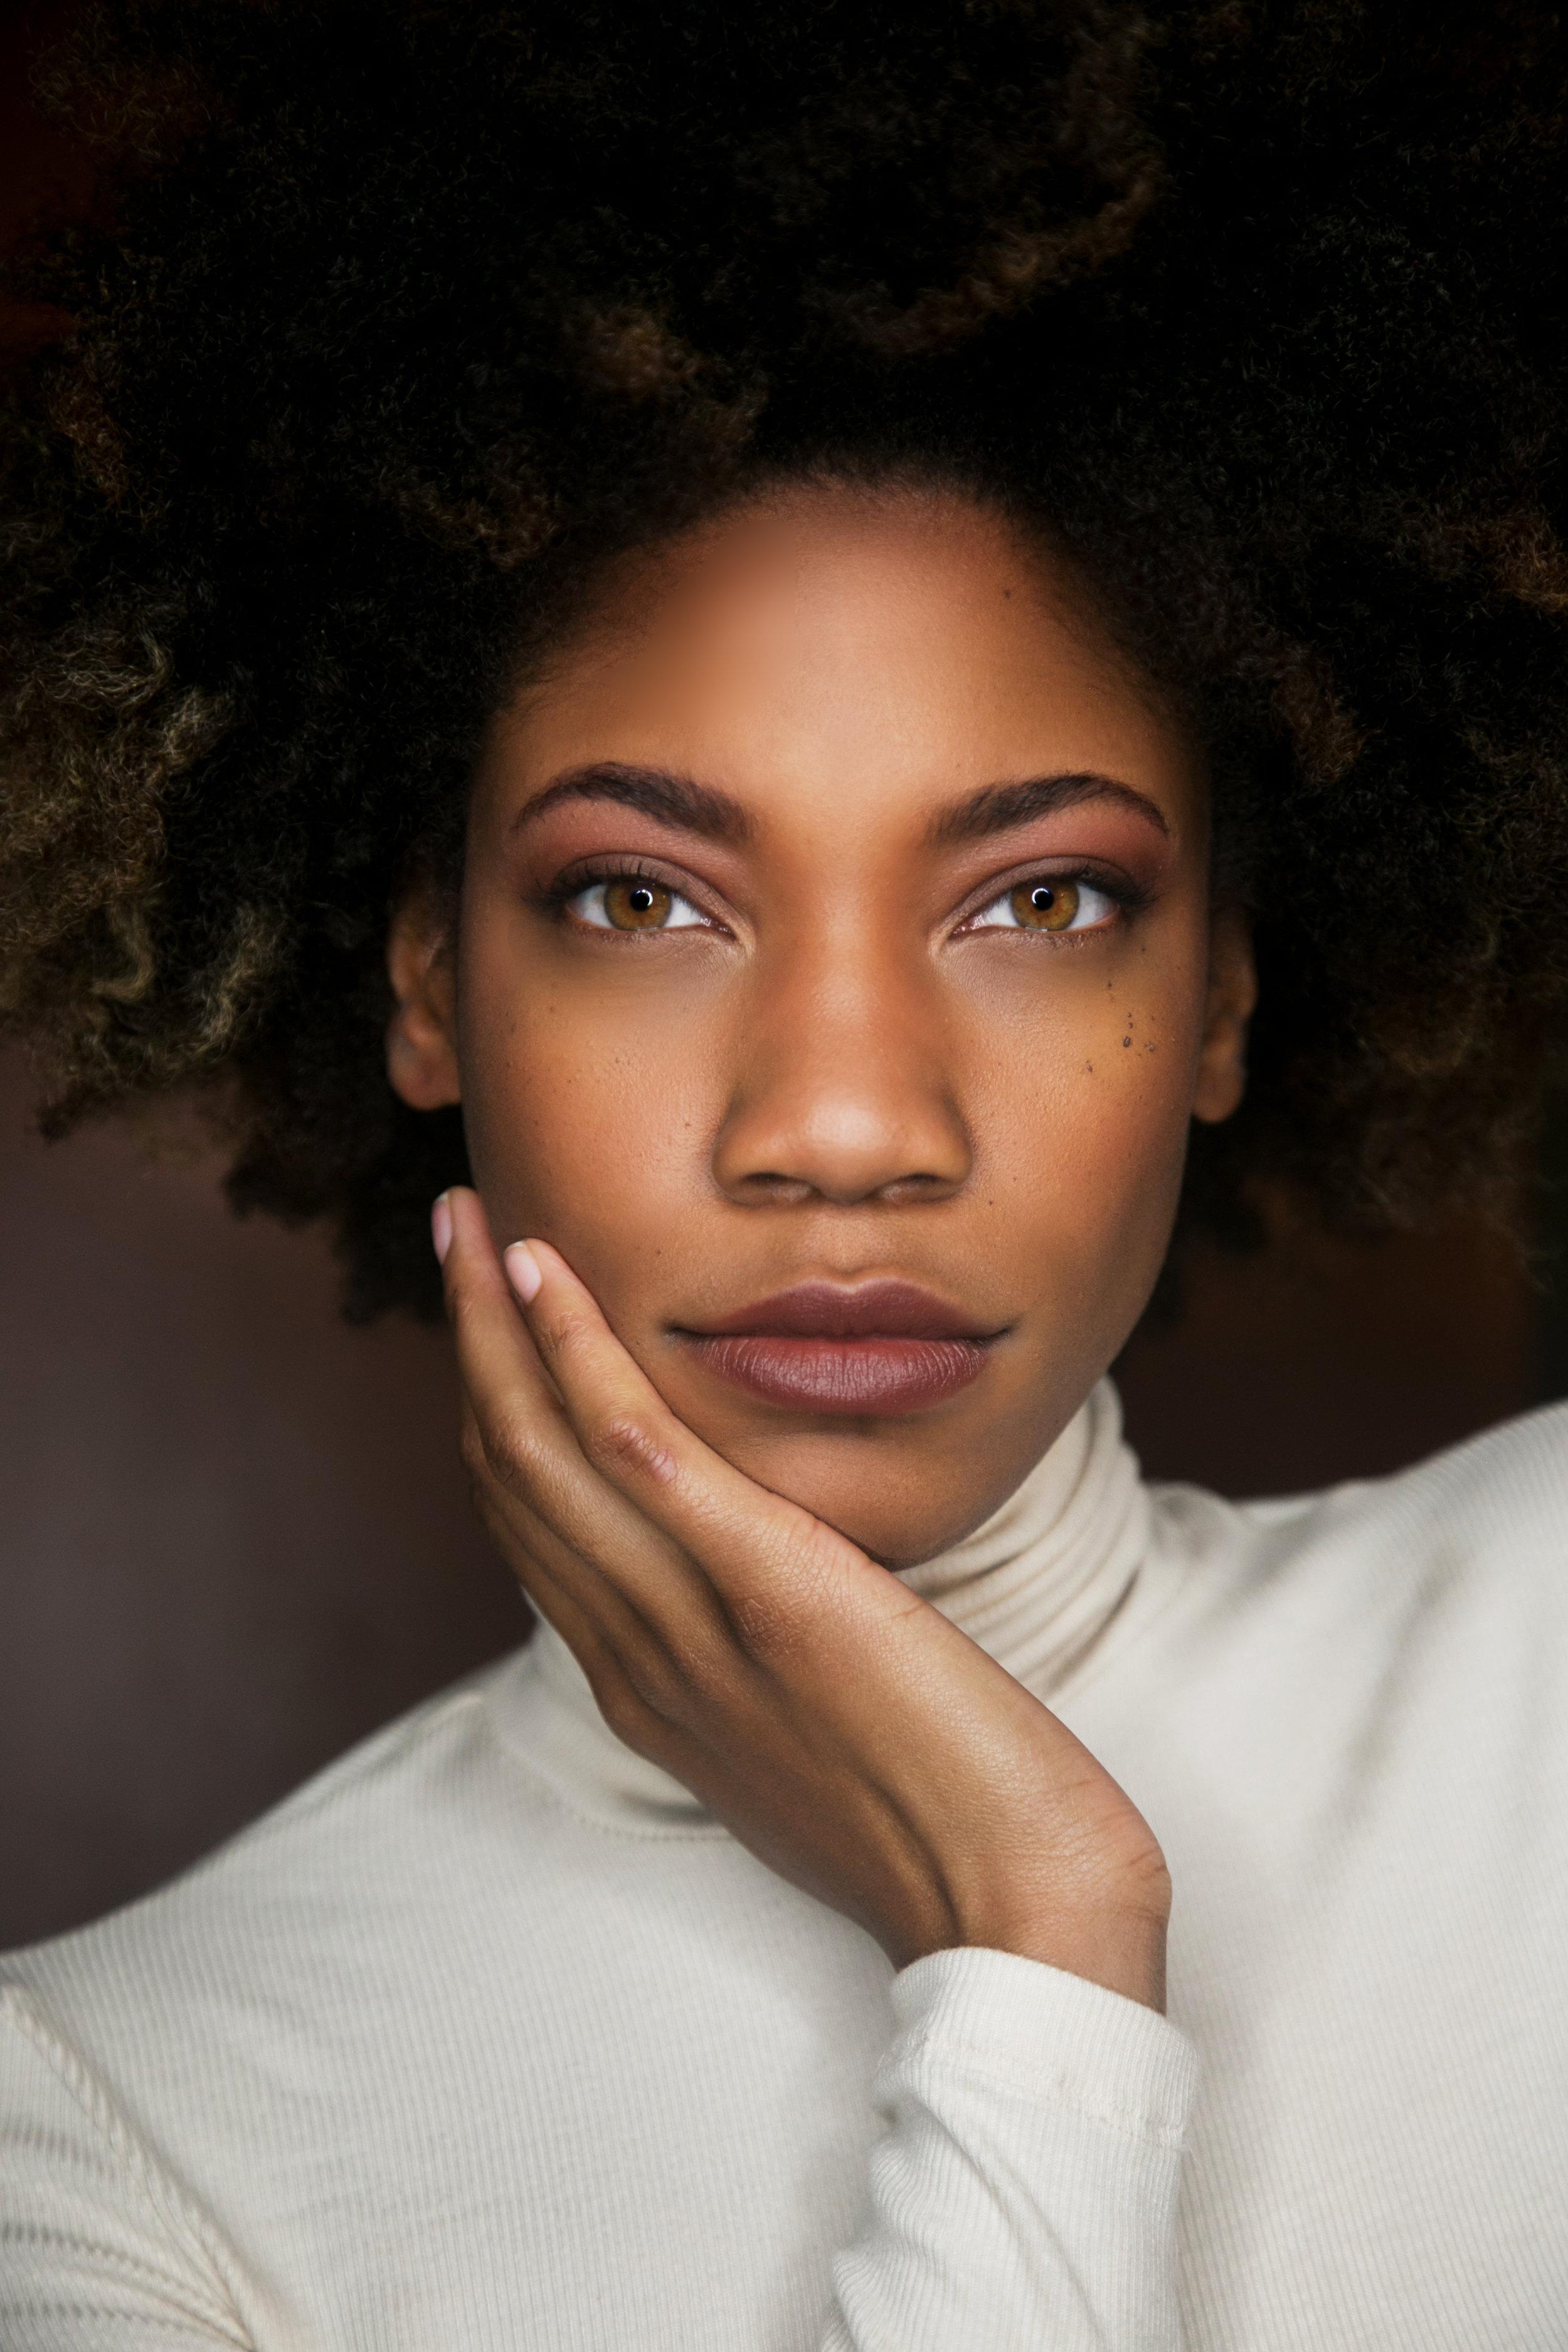 Black Portrait photography